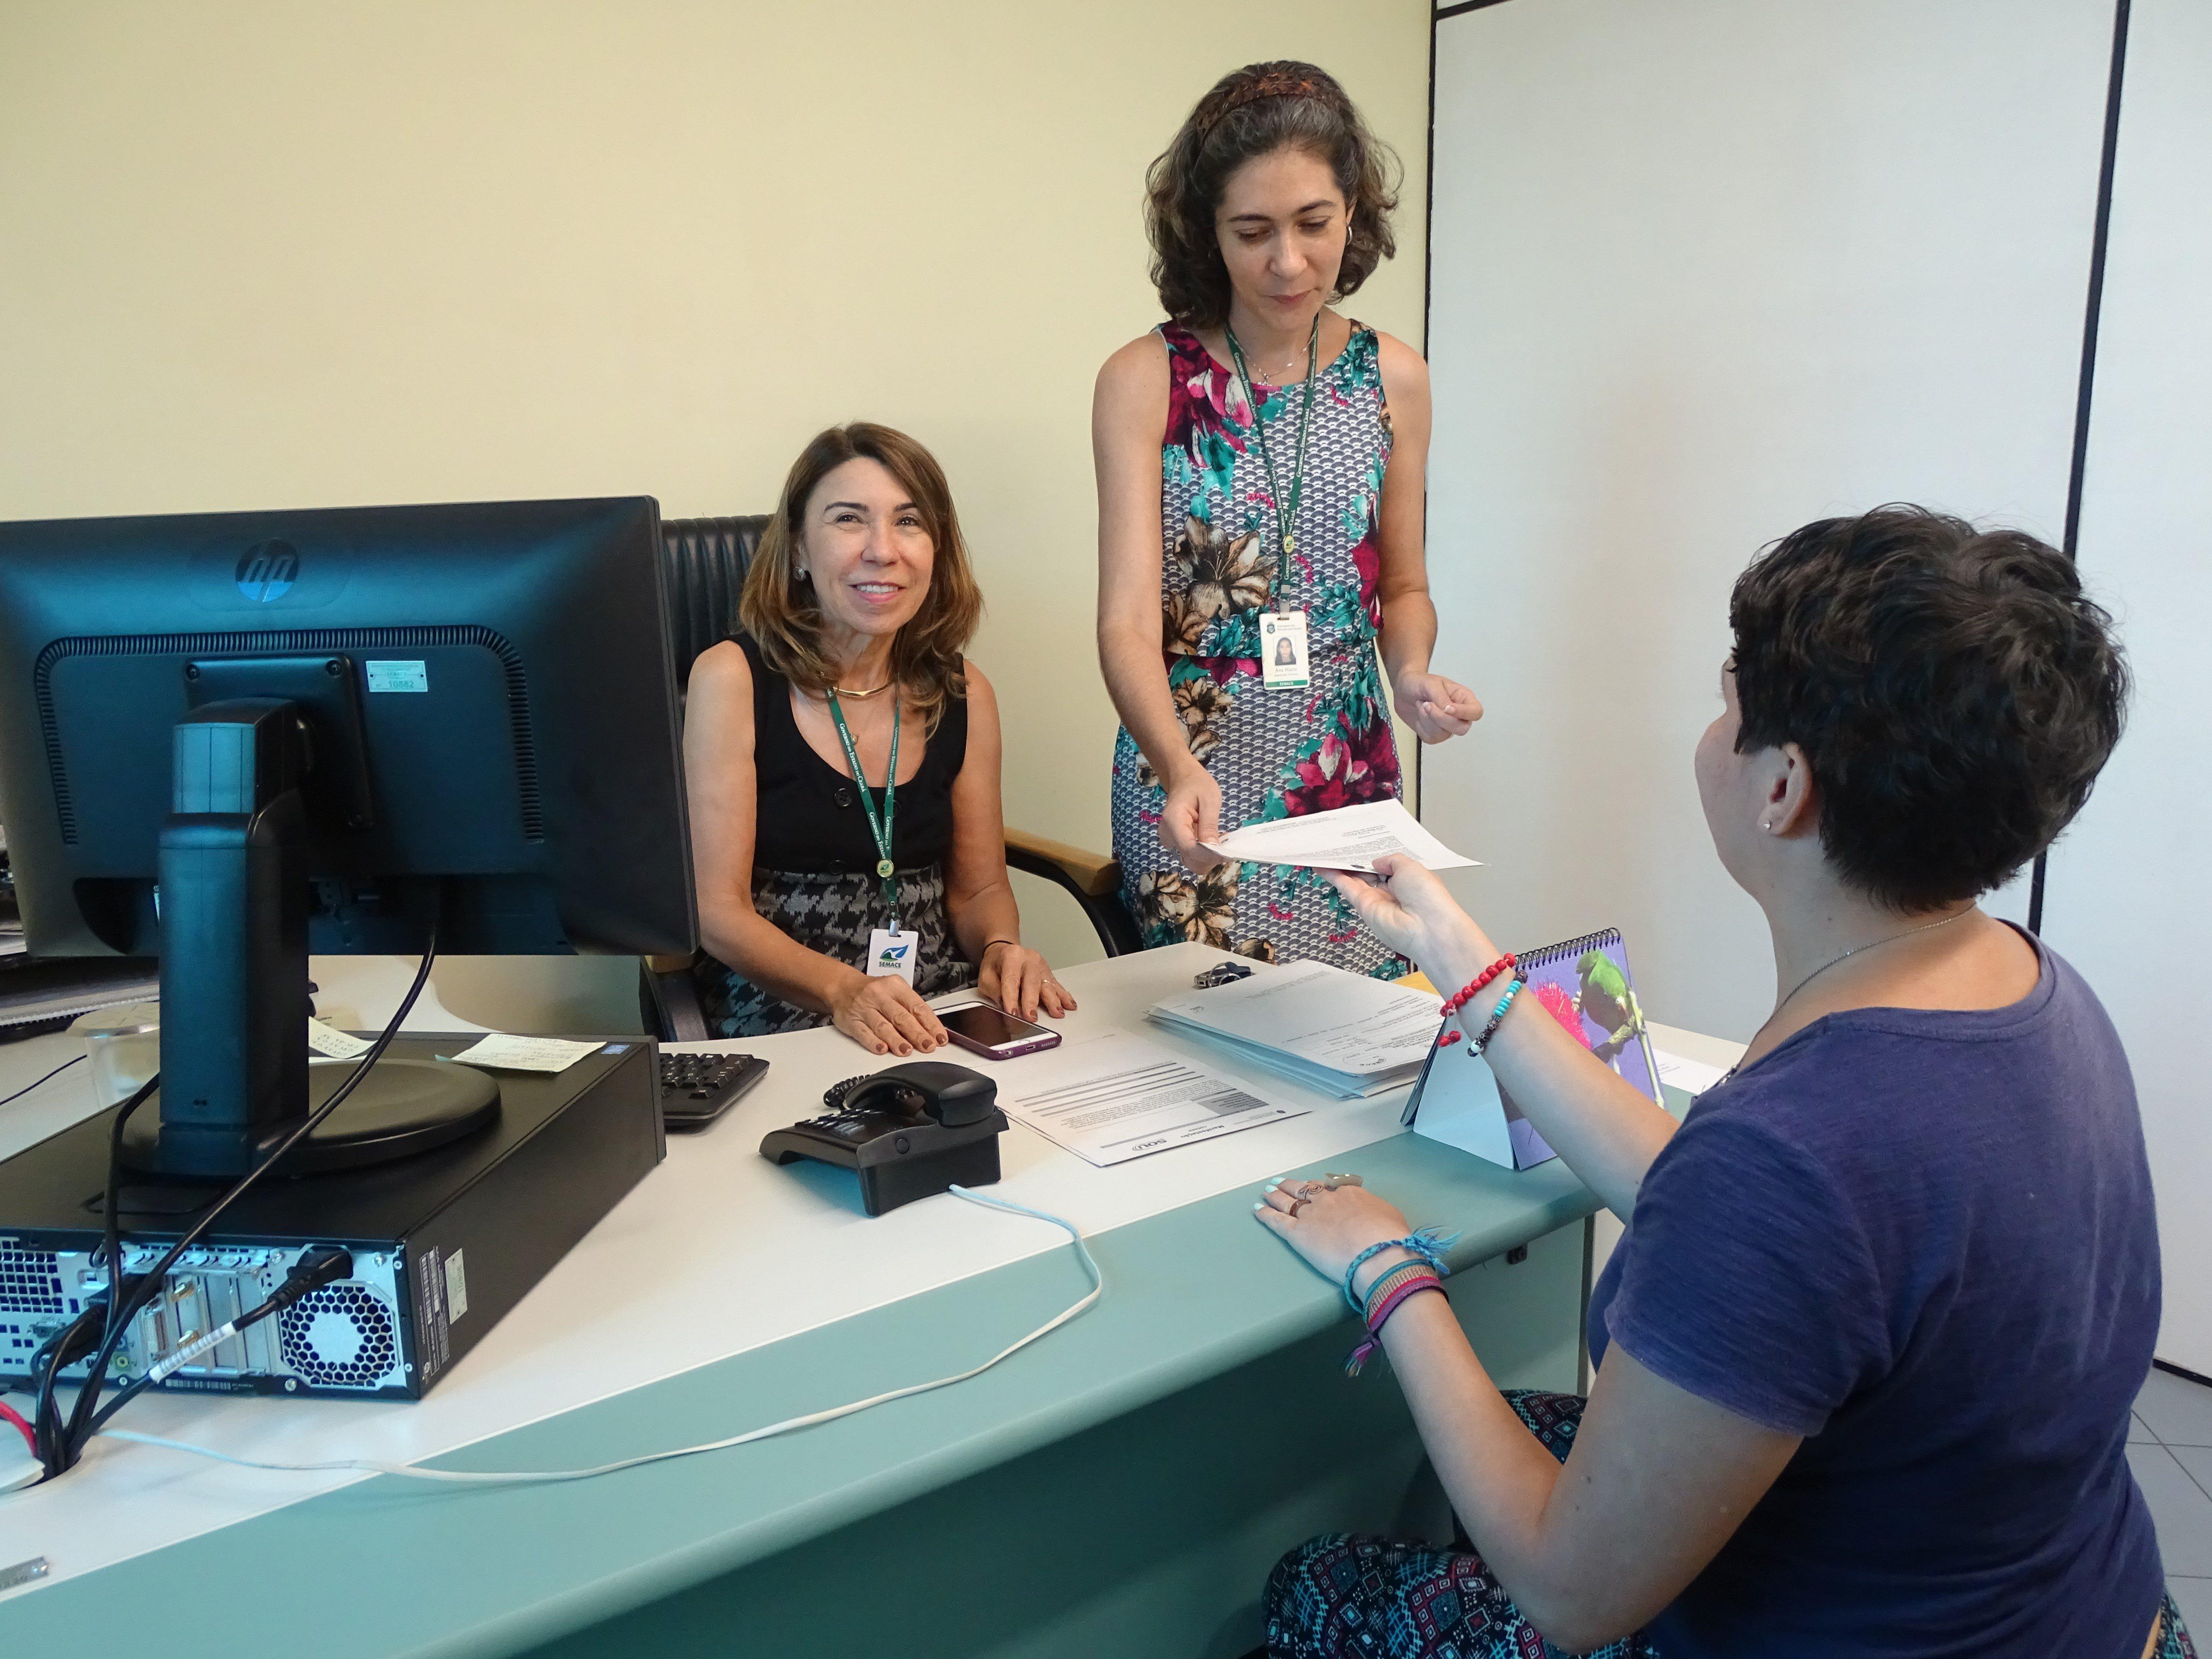 Na imagem, três mulheres estão na sala da ouvidoria da Semace. As paredes têm tons de verde. Duas estão atrás de uma mesa onde fica um computador. Uma delas entrega um papel à que está do outro lado da mesa